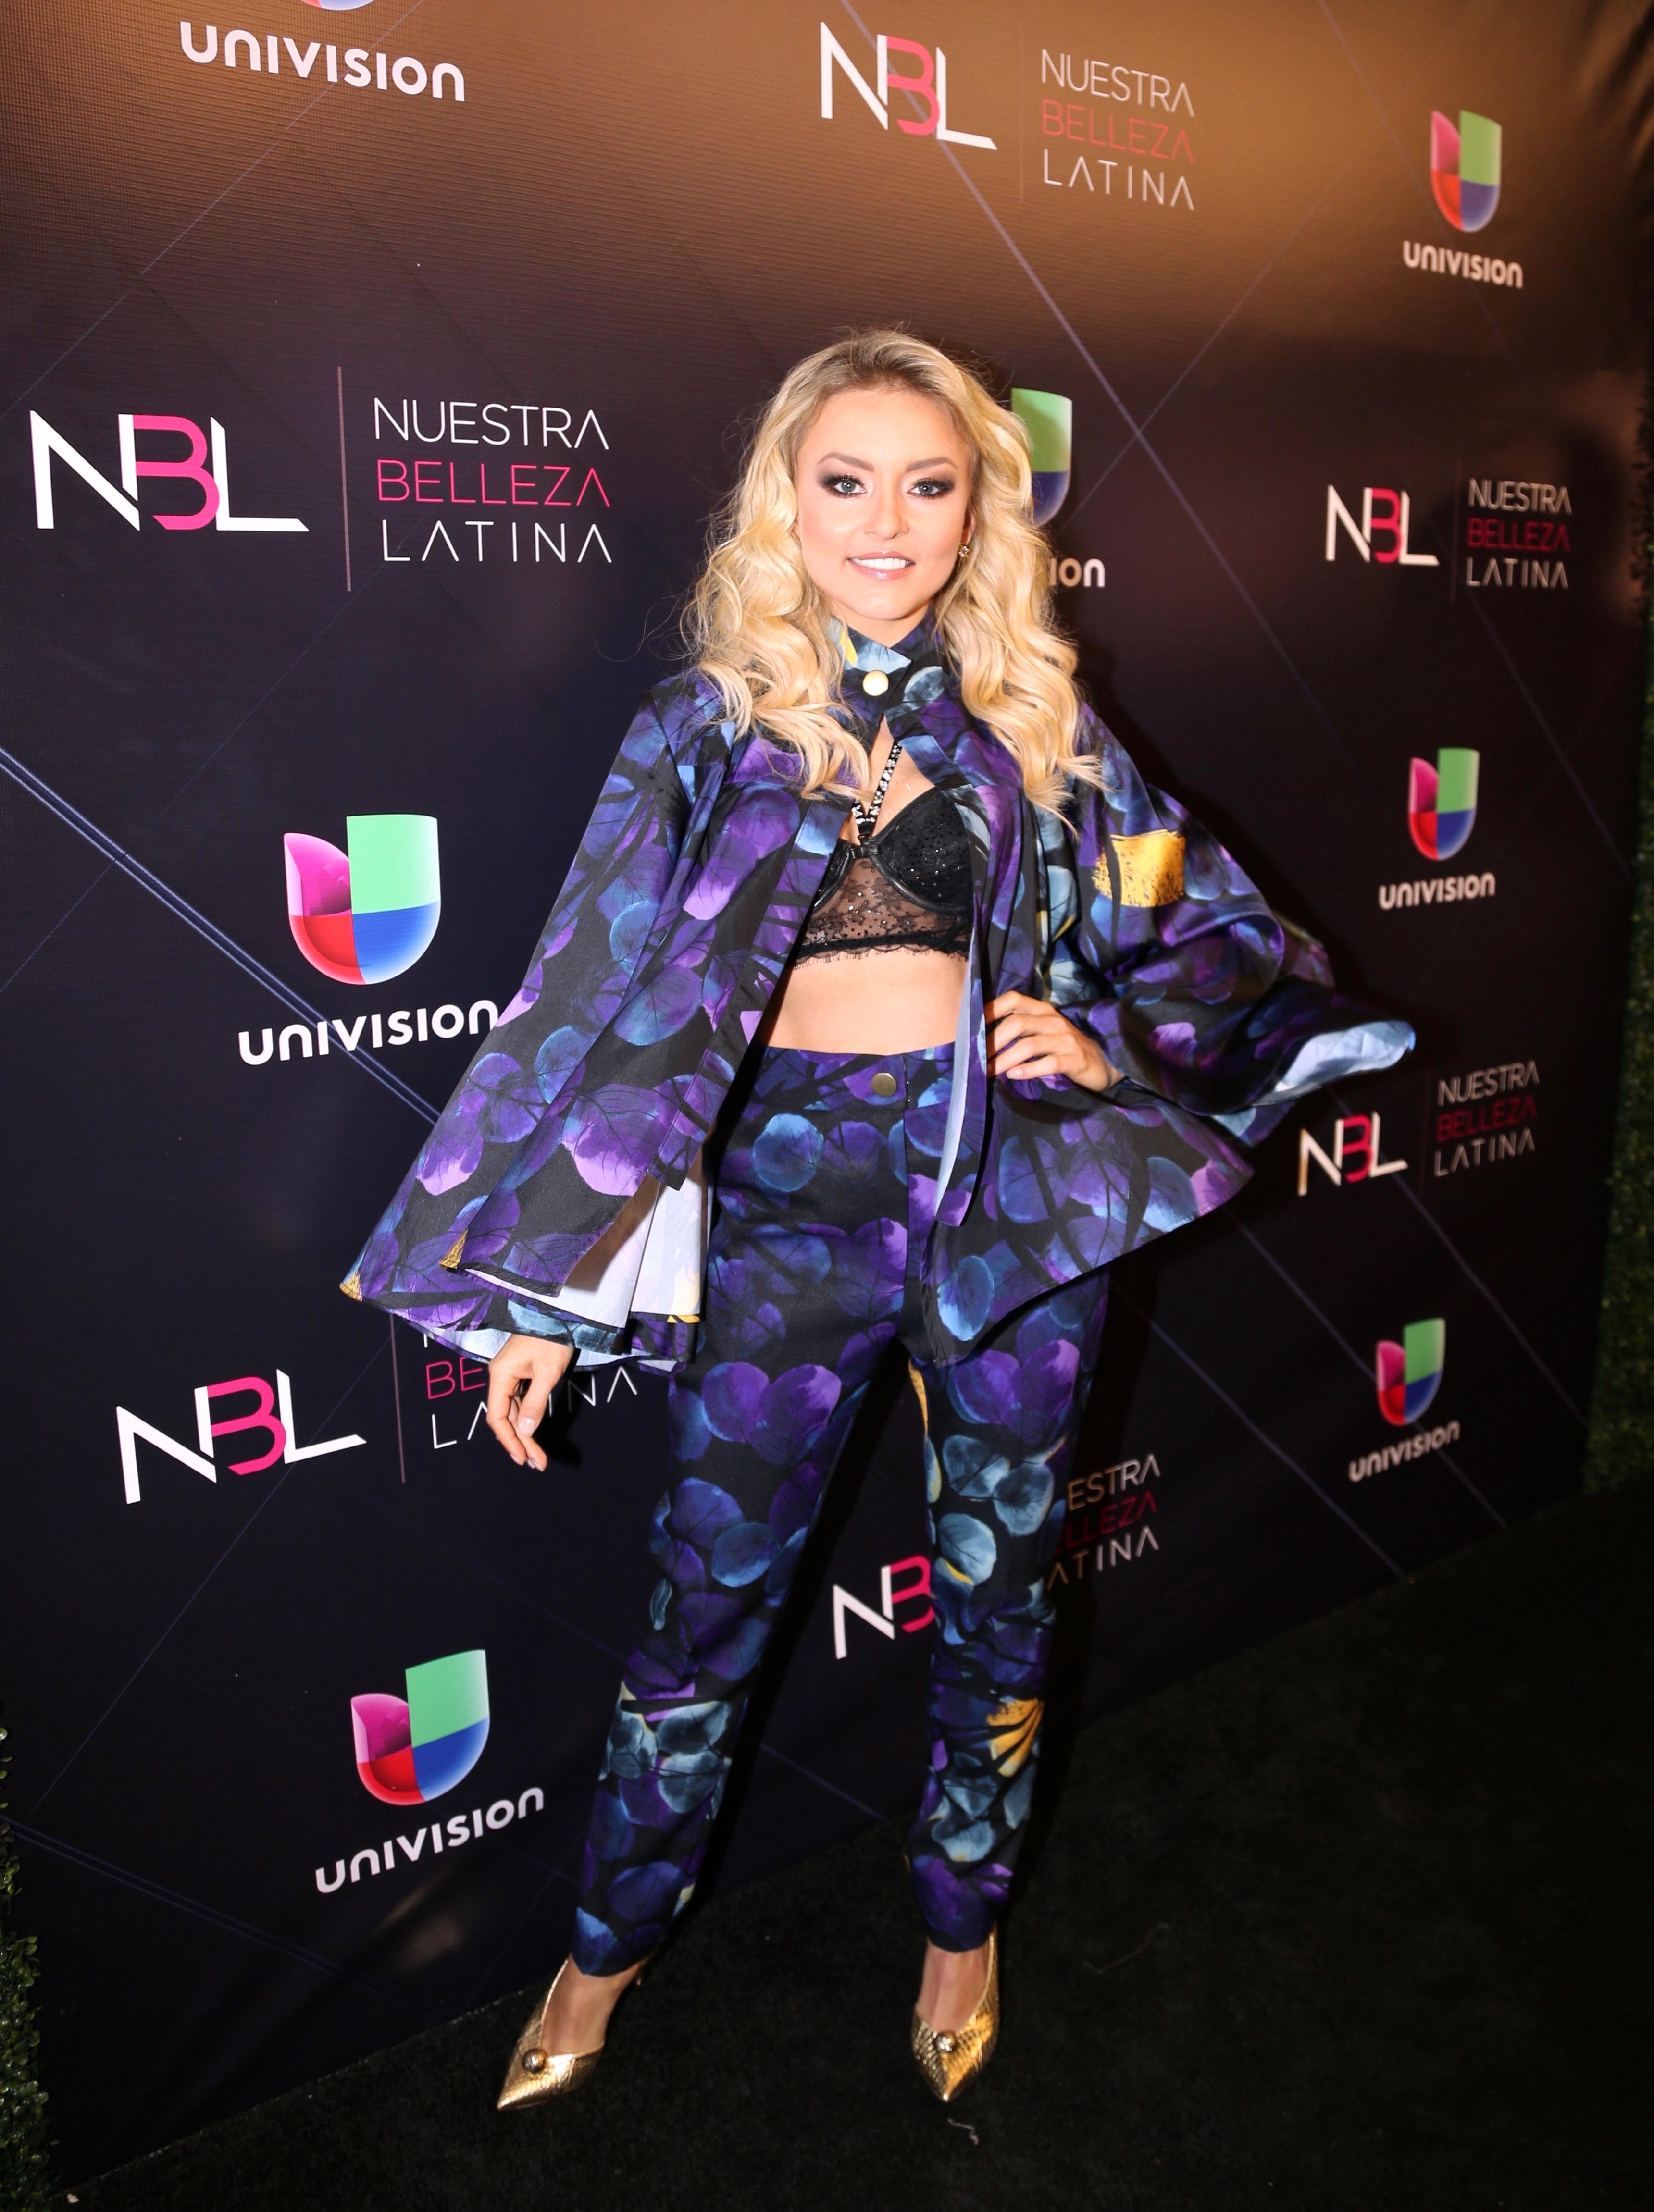 Angelique Boyer, Nuestra Belleza Latina